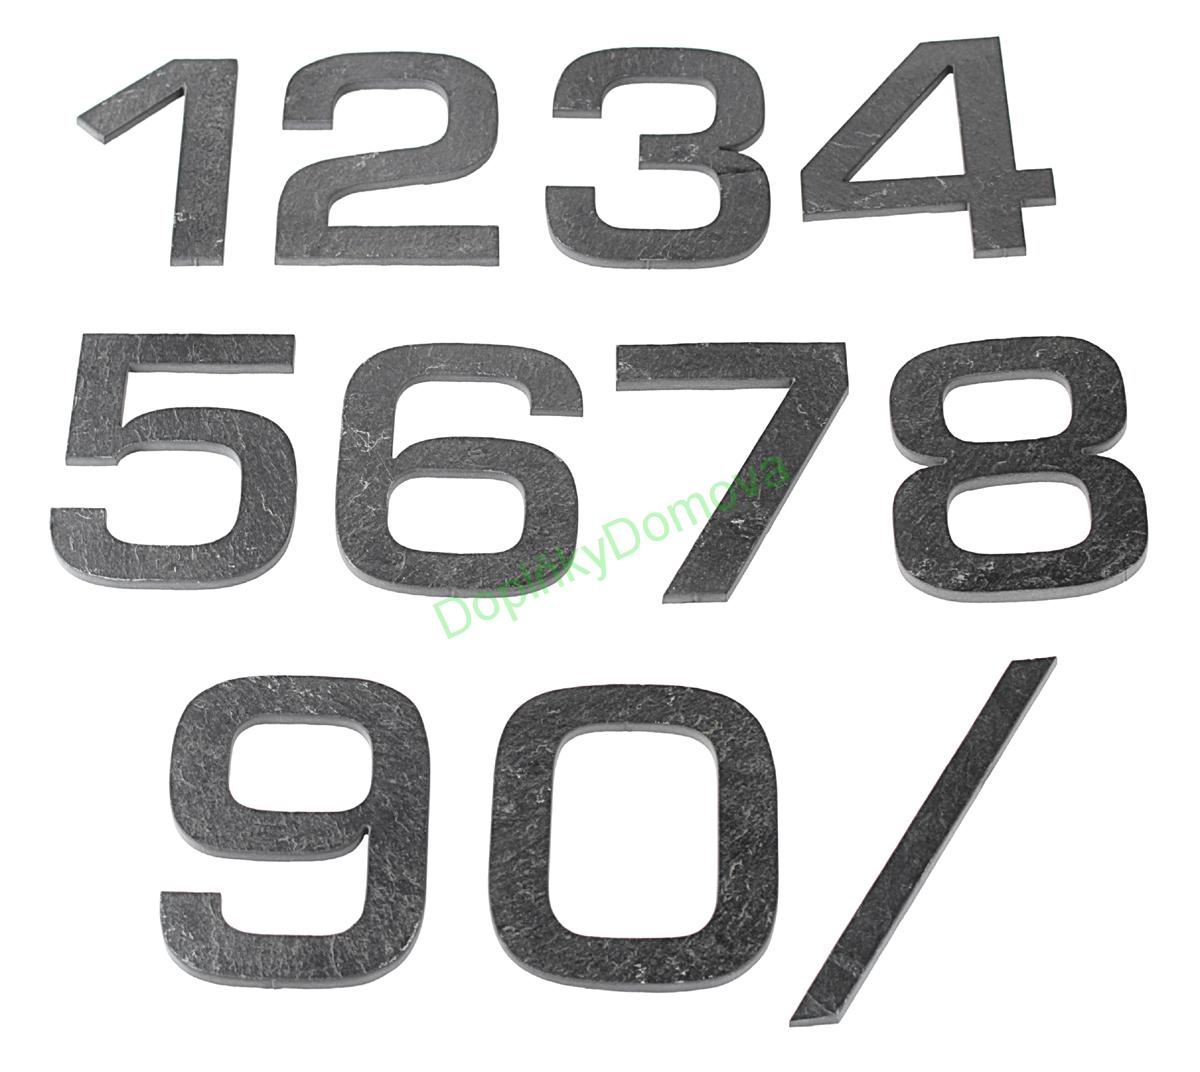 Domovní číslo popisné Břidlice EUROMODE - č. 0